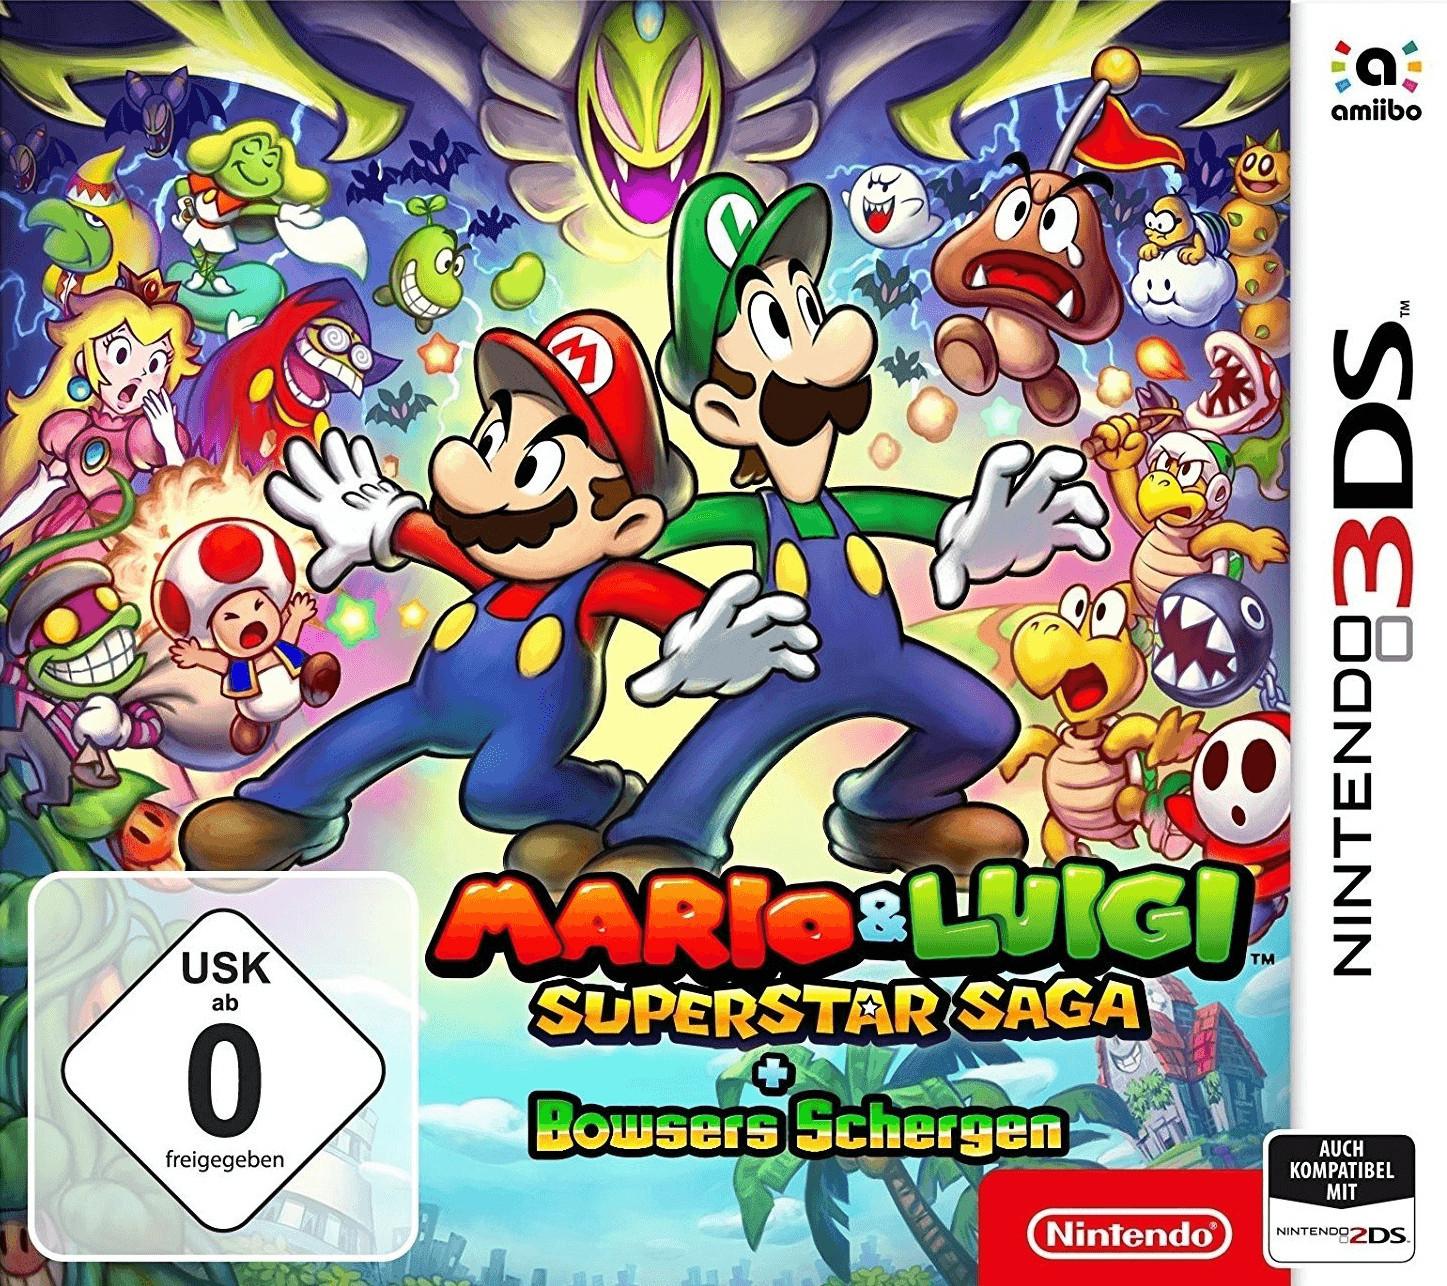 Mario & Luigi: Superstar Saga + Bowsers Schergen (3DS) für 10€ versadkostenfrei (Saturn)